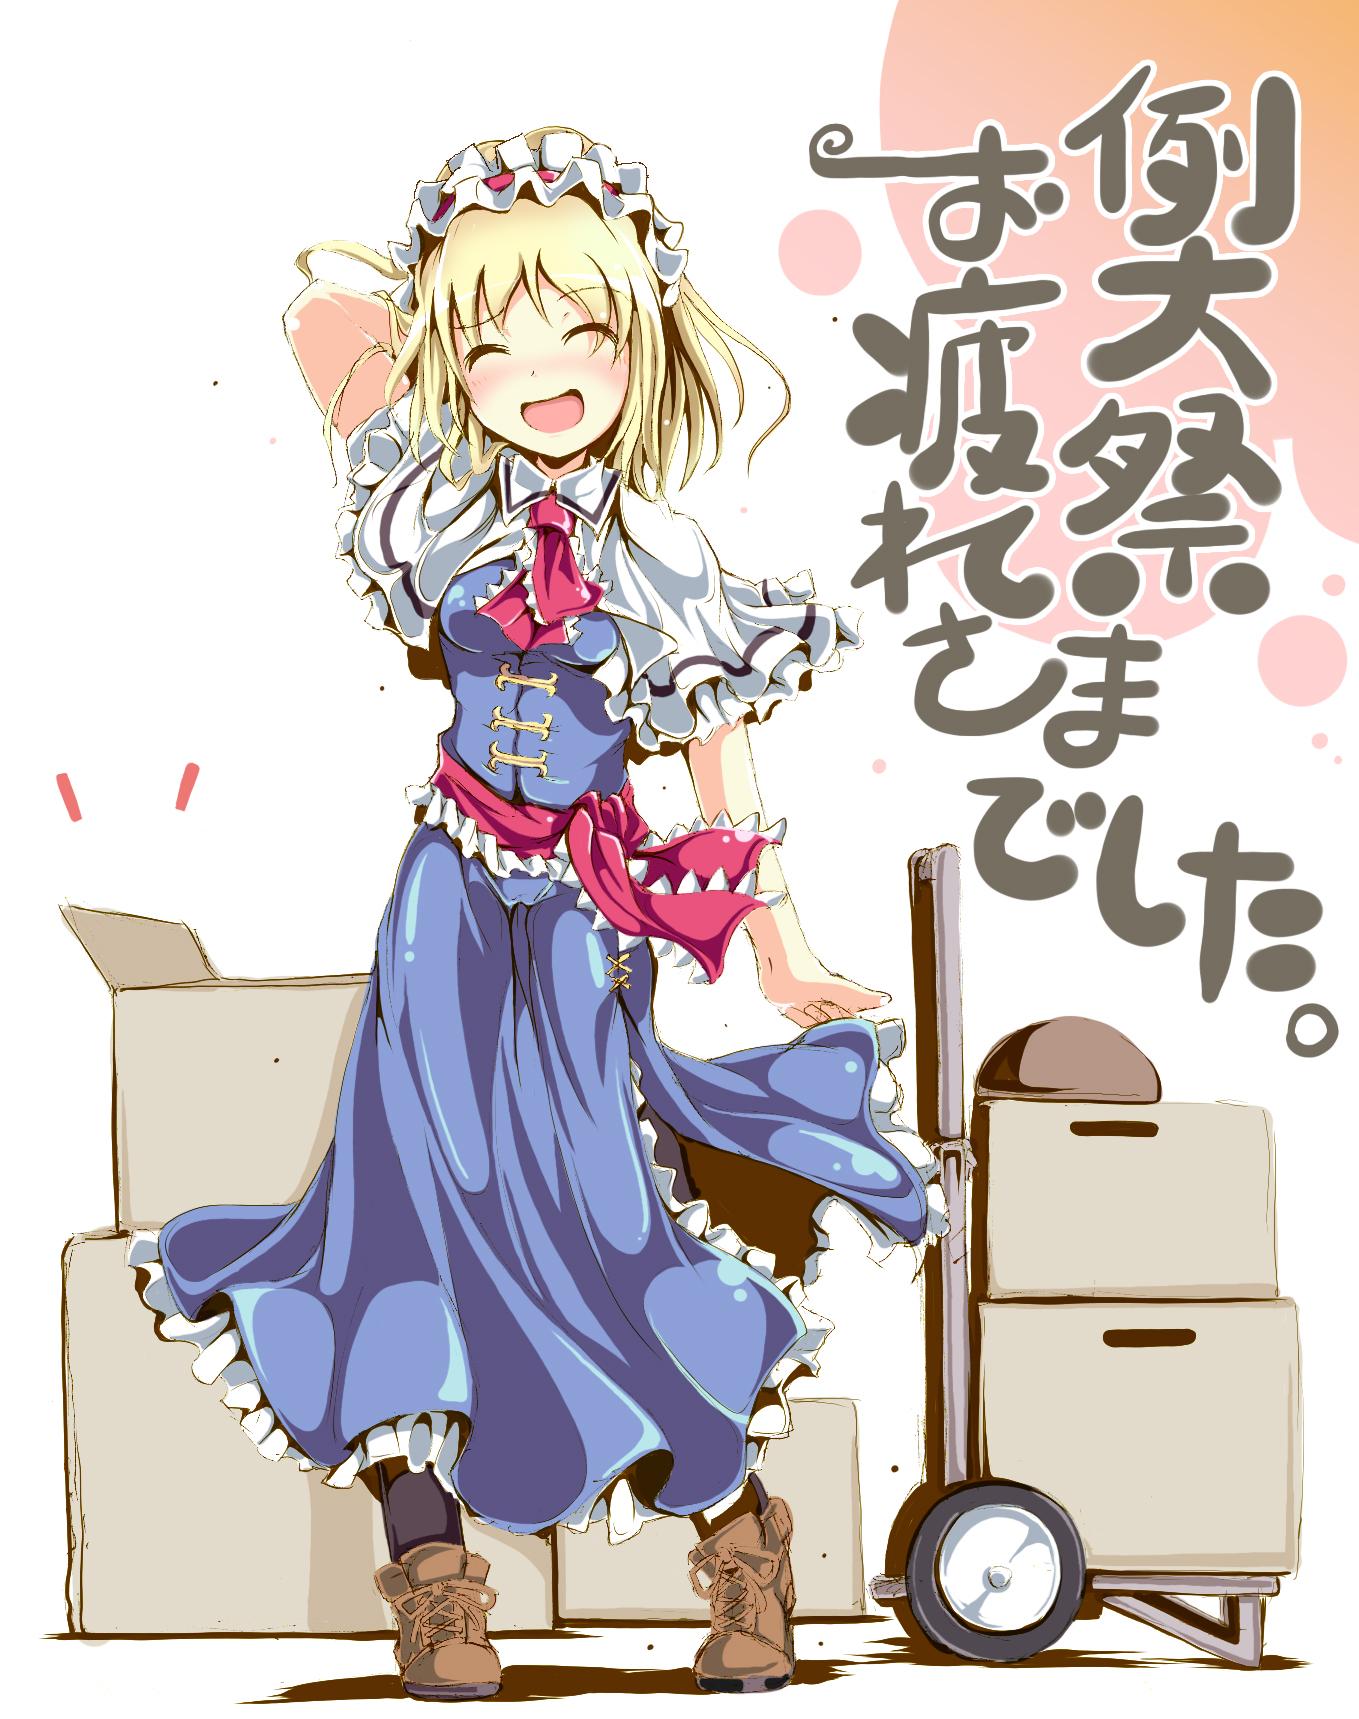 Alice Margatroid - Touhou - Image #148069 - Zerochan Anime ...